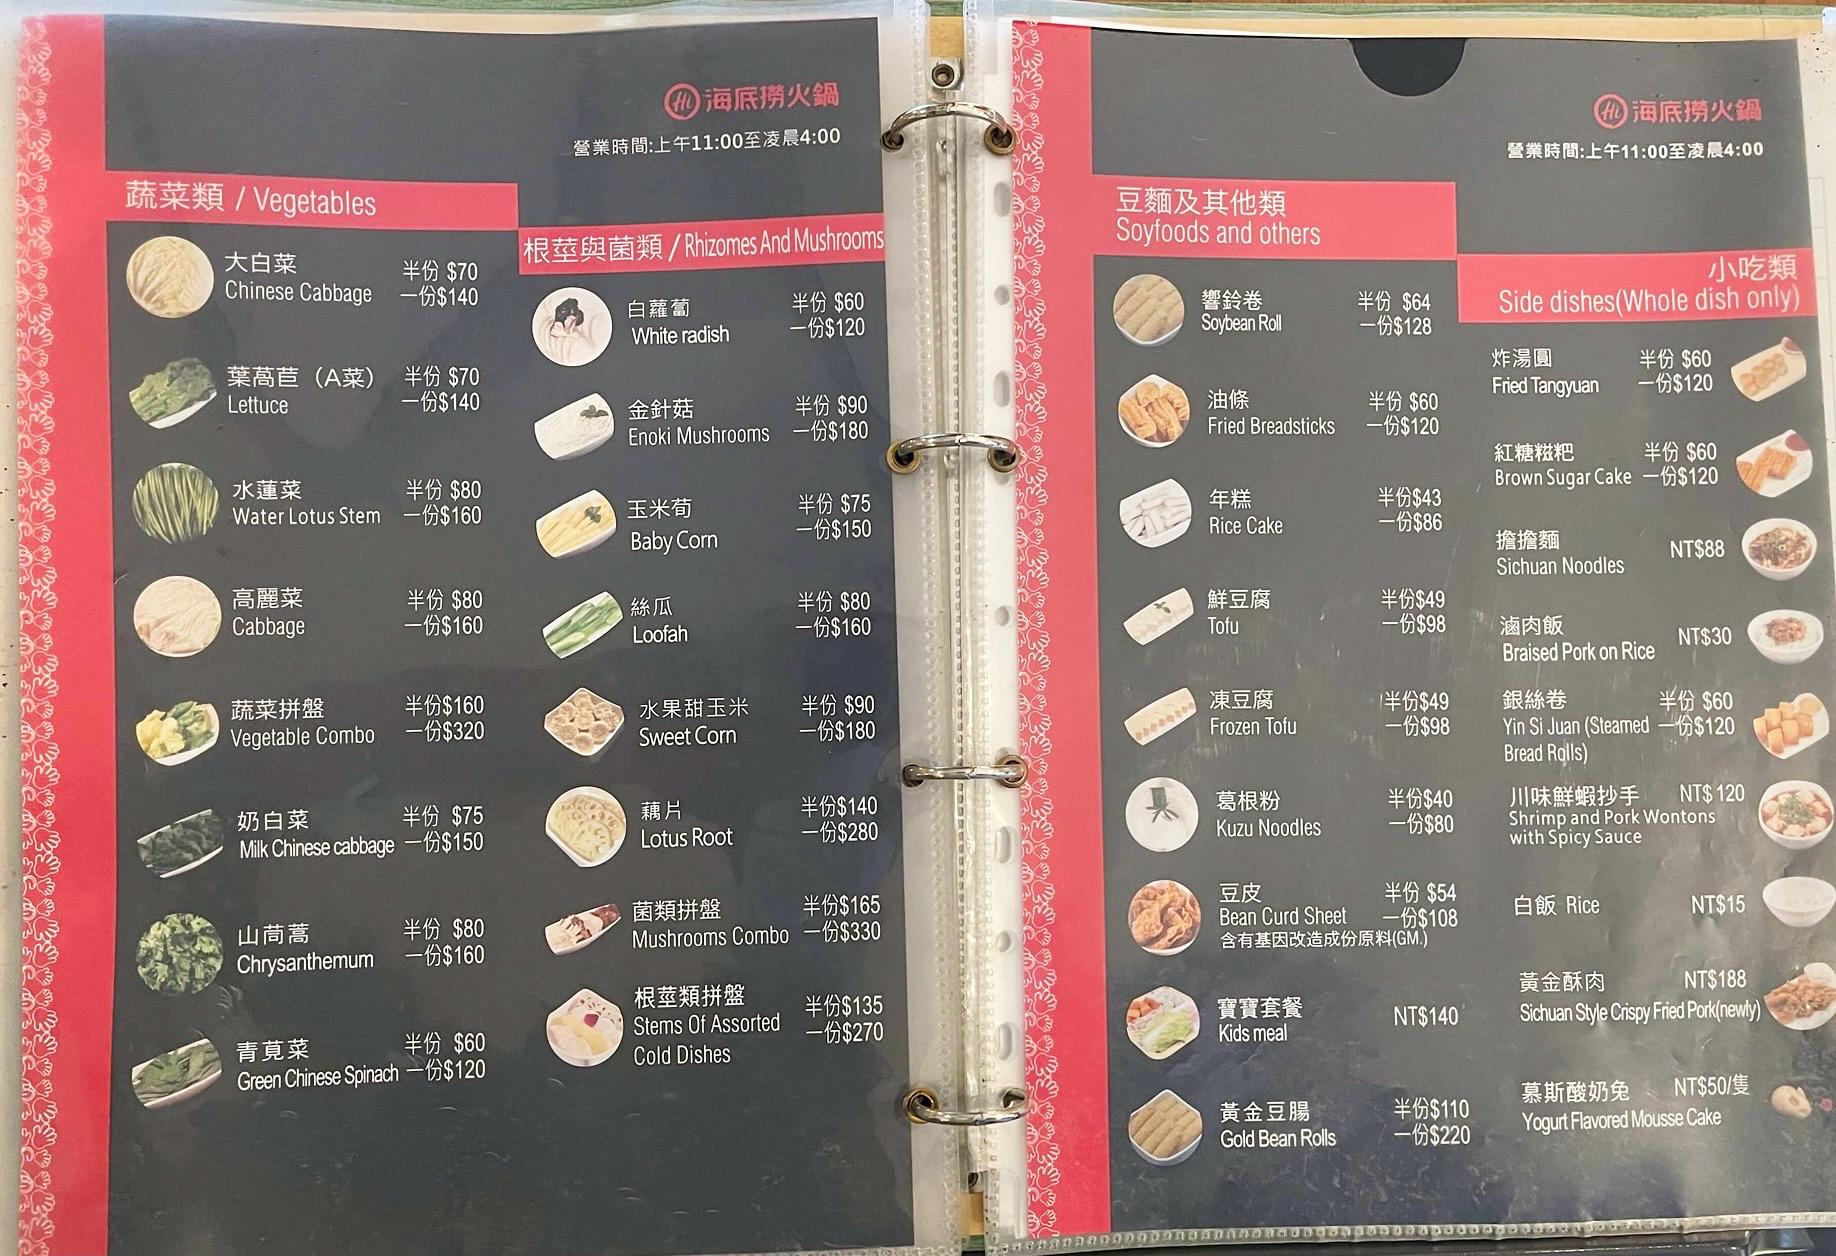 海底撈火鍋菜單-蔬菜 豆麵 小吃類